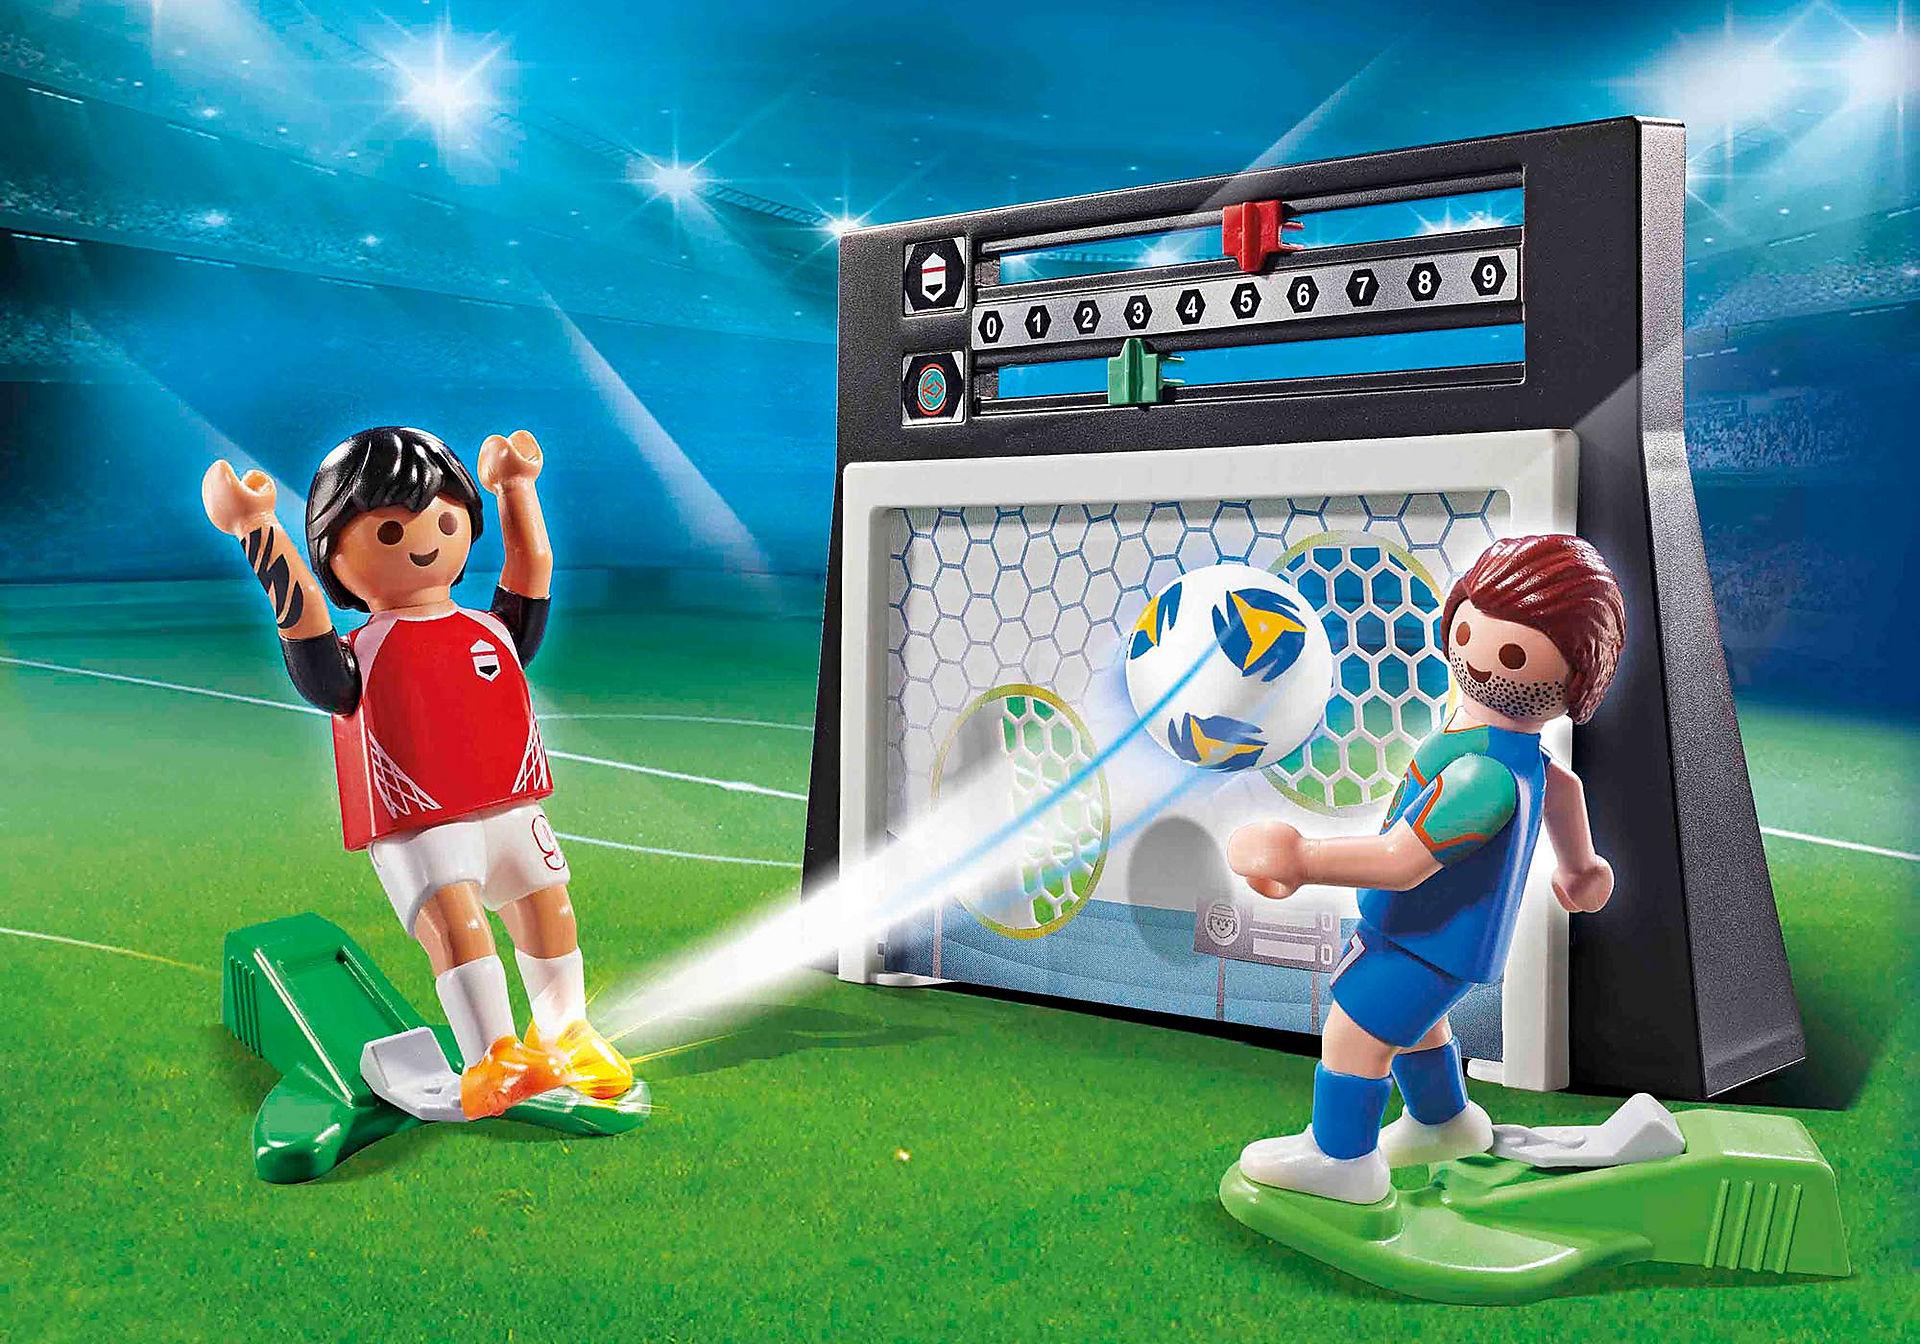 70245 Σετ εξάσκησης ποδοσφαίρου με πίνακα αποτελεσμάτων  zoom image1